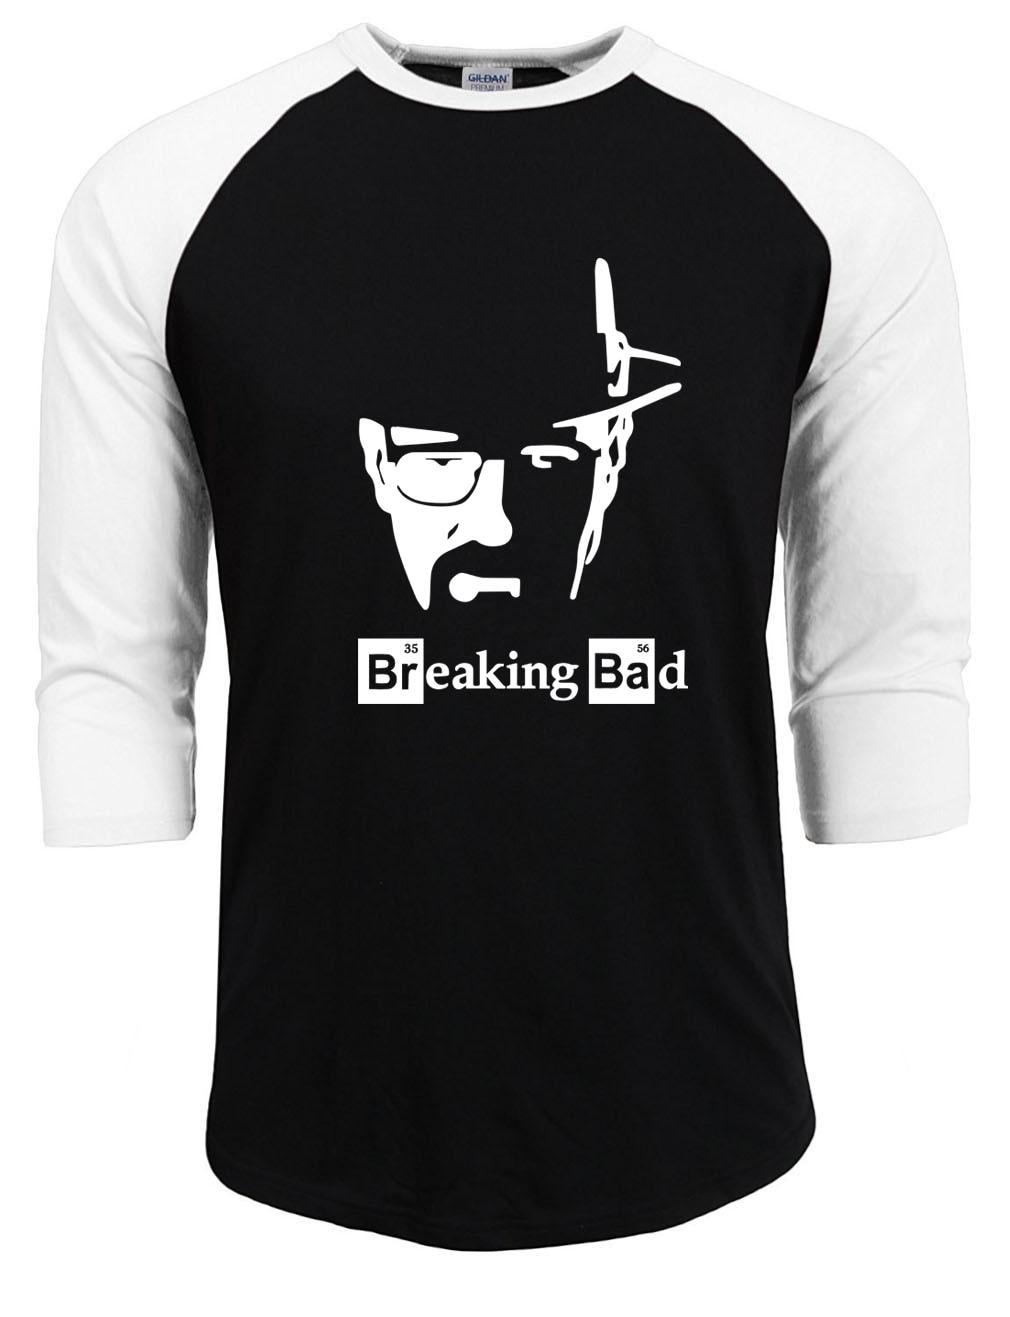 गर्म बिक्री टी शर्ट 2019 - पुरुषों के कपड़े